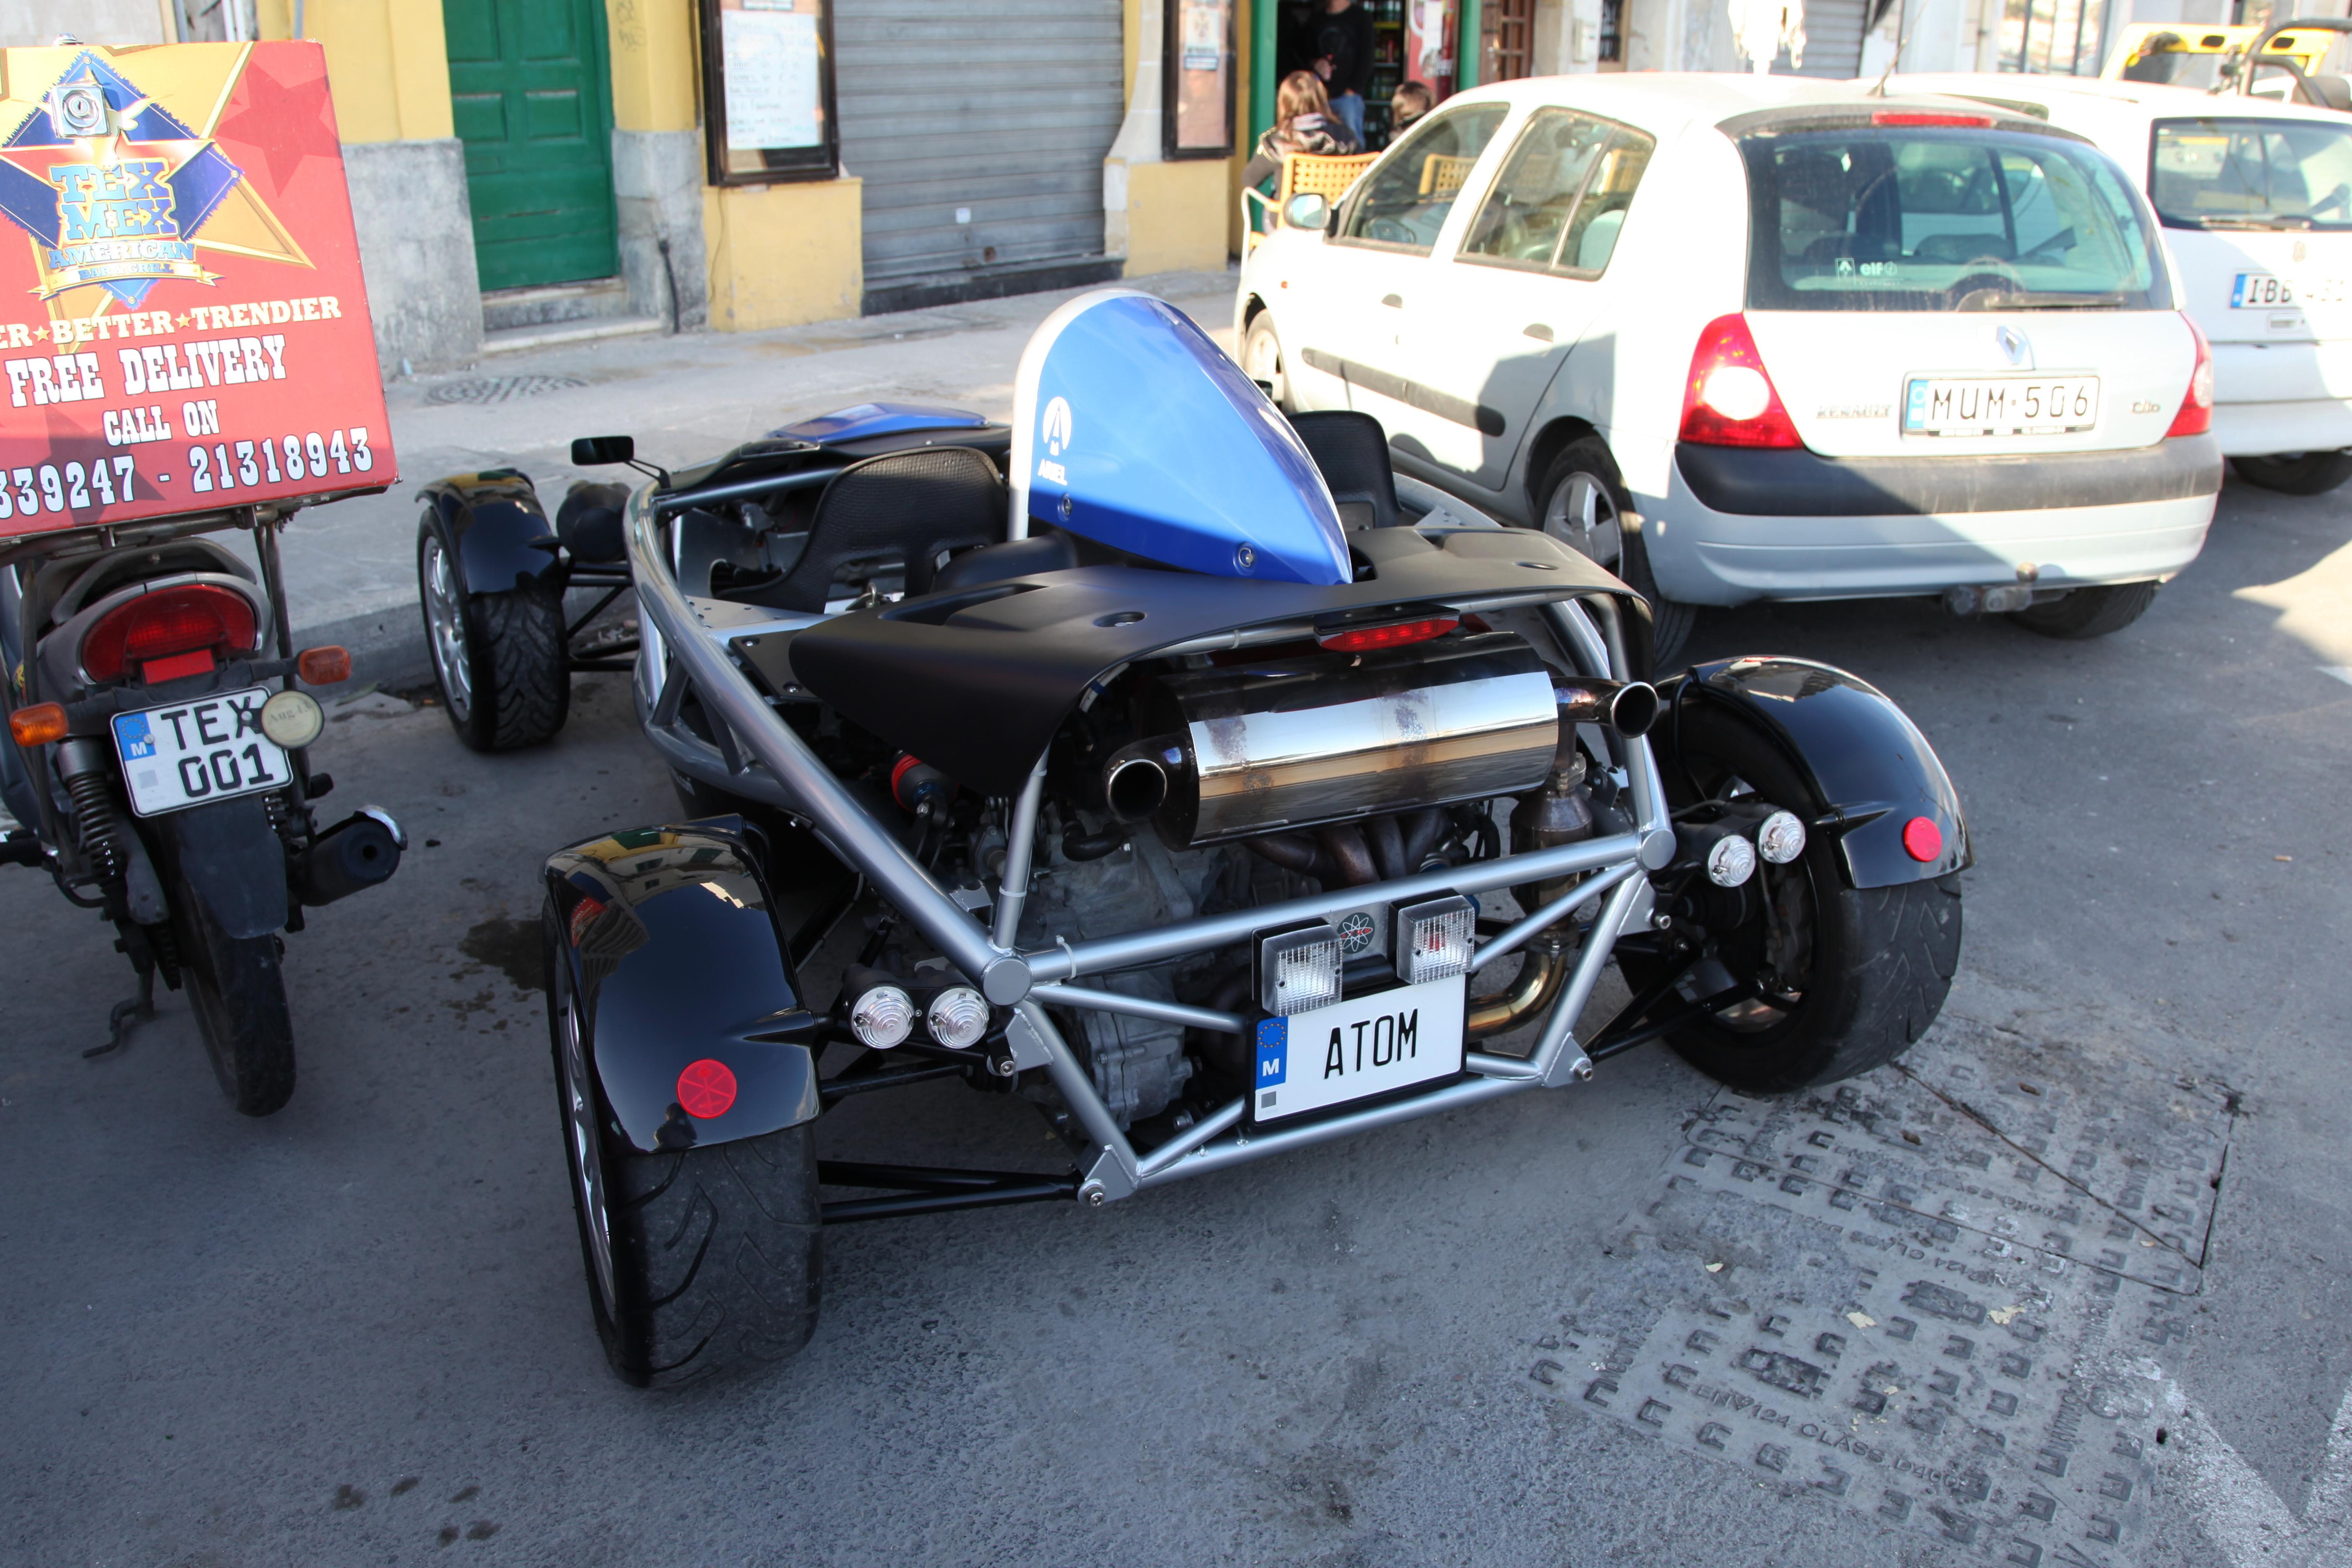 File:Malta - Sliema - Triq Ix-Xatt - Ariel Atom 01 ies jpg